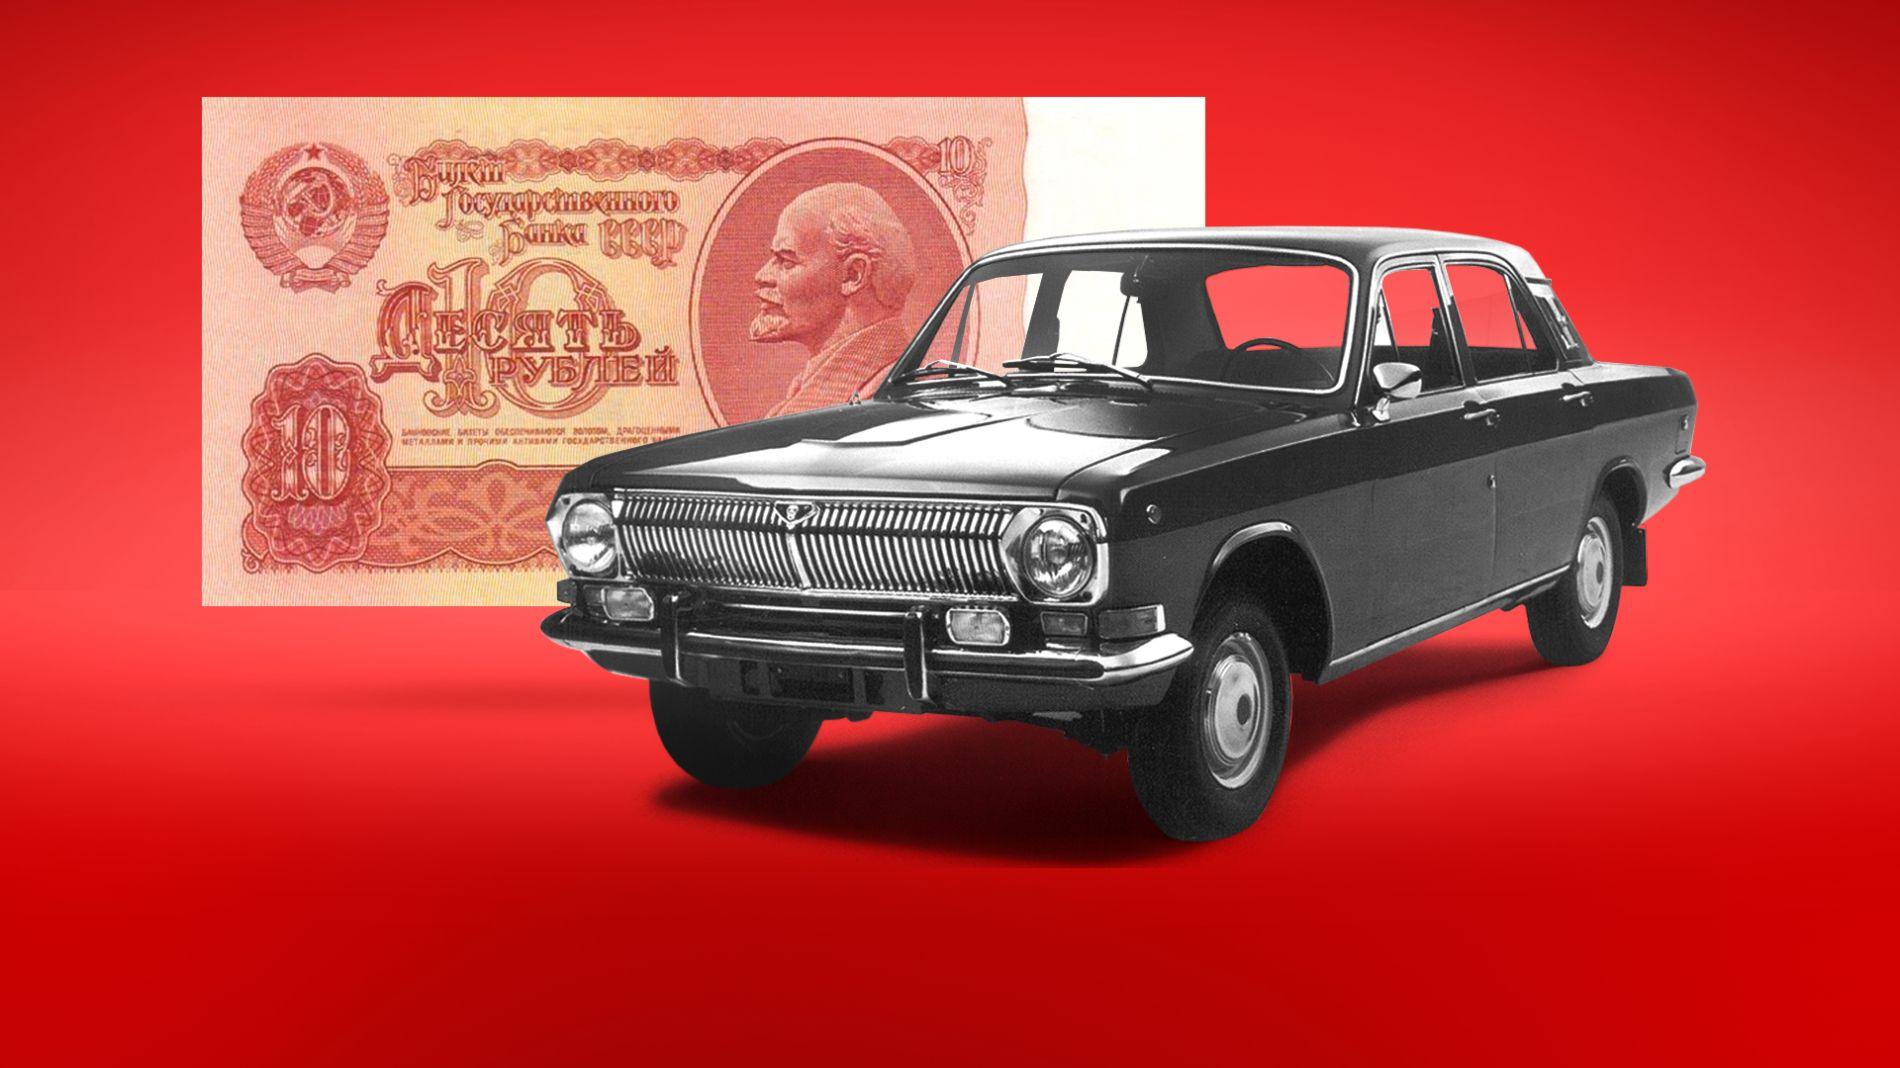 ავტომობილის ფასები 70-იან სსრკ-ში